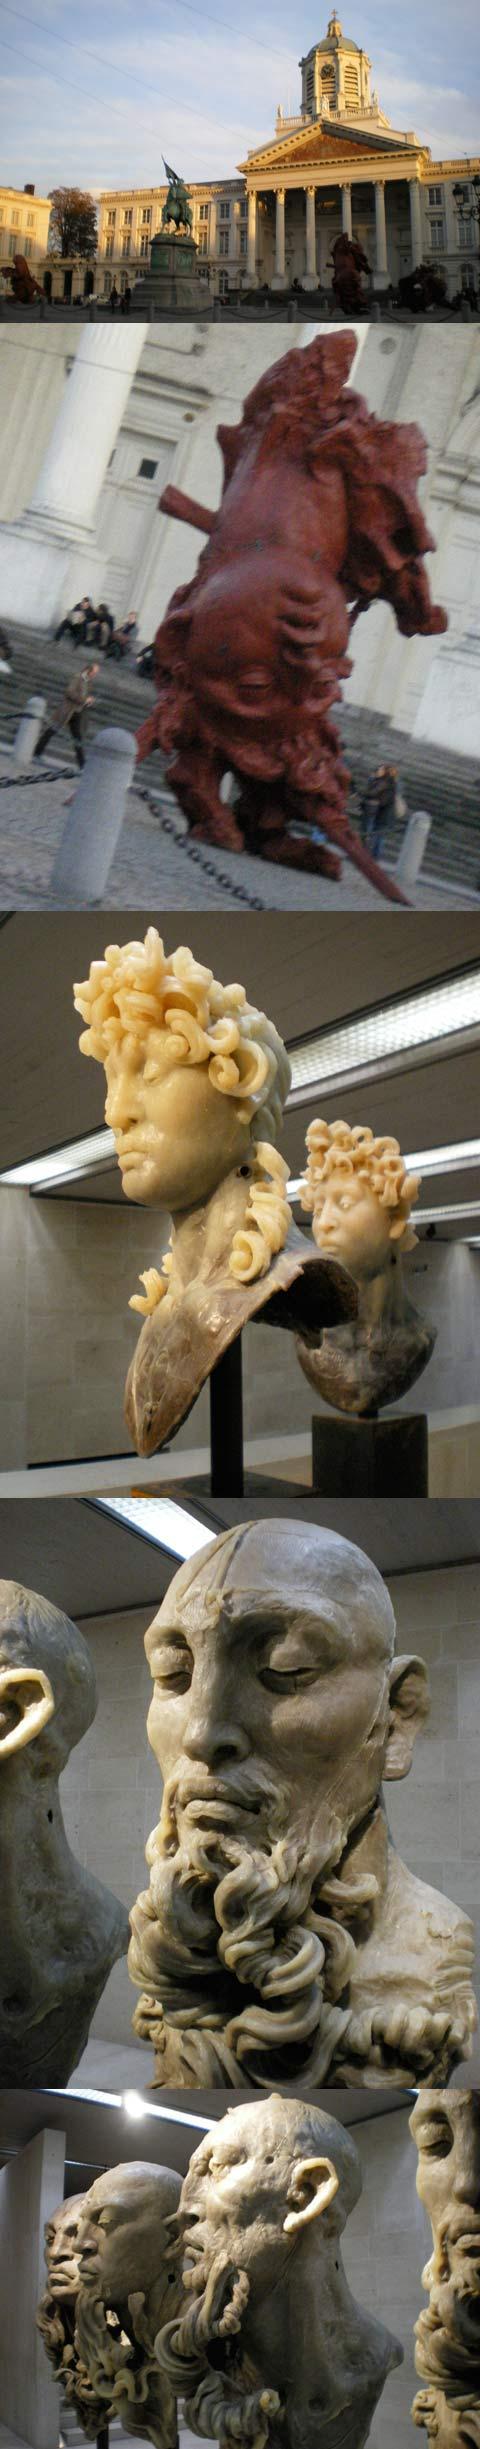 Sculptures de Javier Marin à Bruxelles